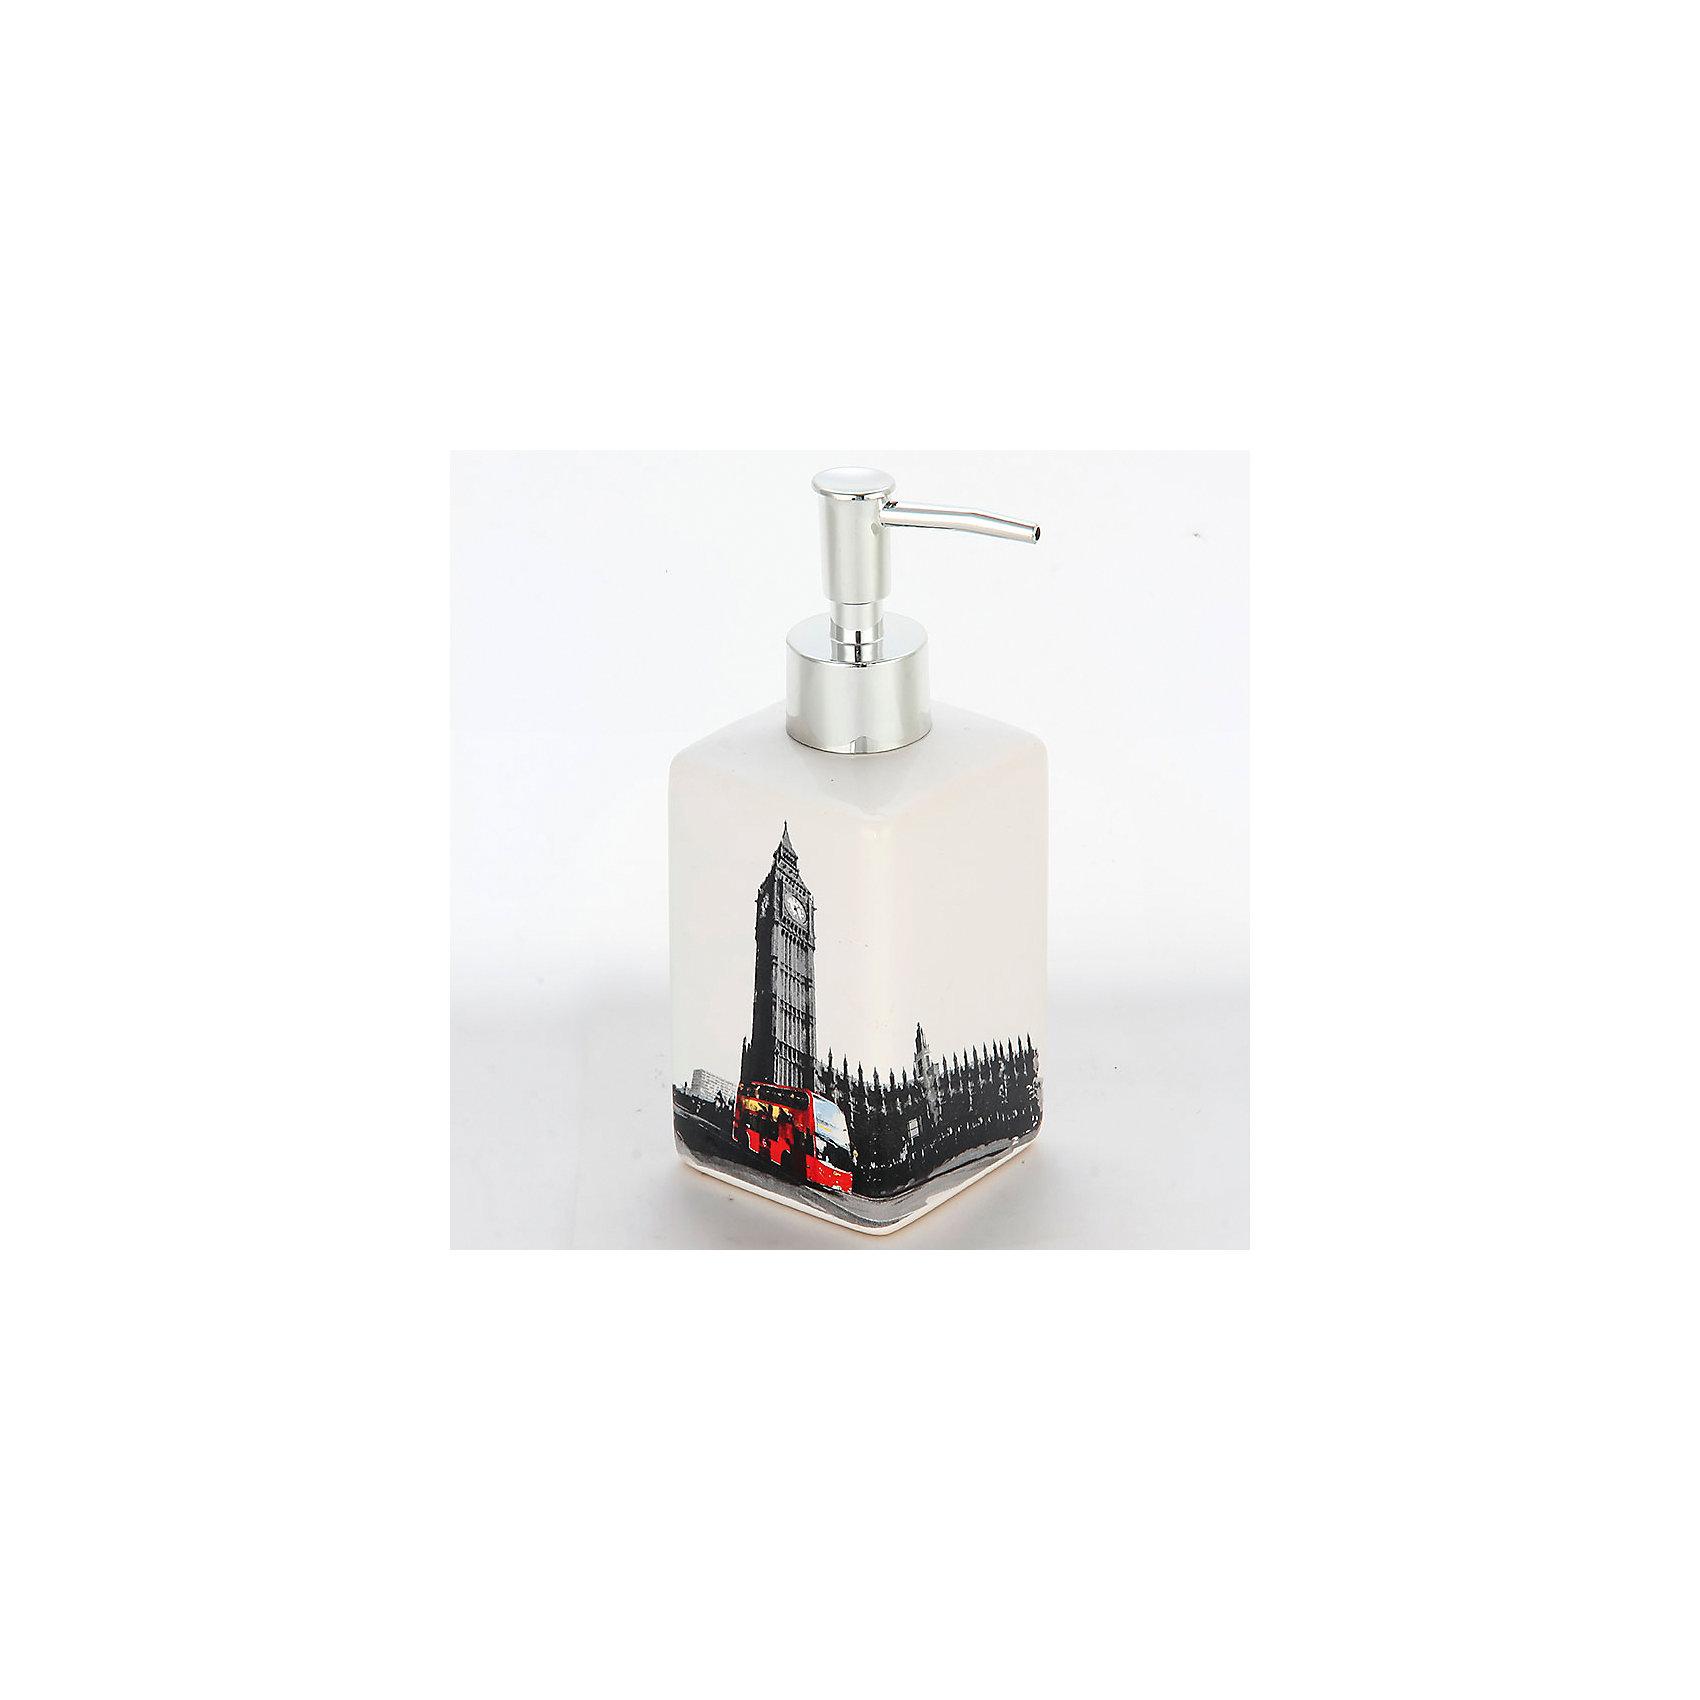 Дозатор для жидкого мыла Лондон DIS-L, Рыжий котВанная комната<br>Дозатор для жидкого мыла Лондон DIS-L, Рыжий кот<br><br>Характеристики:<br><br>• приятный дизайн<br>• удобный дозатор<br>• материал: керамика<br>• объем: 250 мл<br>• размер: 6,6х6,6х17 см<br><br>Дозатор Лондон изготовлен из керамики с изображением в стиле Лондона. Дозатор имеет удобную форму и очень прост в применении. Объем дозатора составляет 250 мл. Дозатор Лондон займет достойное место в вашей ванной комнате!<br><br>Дозатор для жидкого мыла Лондон DIS-L, Рыжий кот можно купить в нашем интернет-магазине.<br><br>Ширина мм: 90<br>Глубина мм: 100<br>Высота мм: 190<br>Вес г: 292<br>Возраст от месяцев: 12<br>Возраст до месяцев: 216<br>Пол: Унисекс<br>Возраст: Детский<br>SKU: 5454078